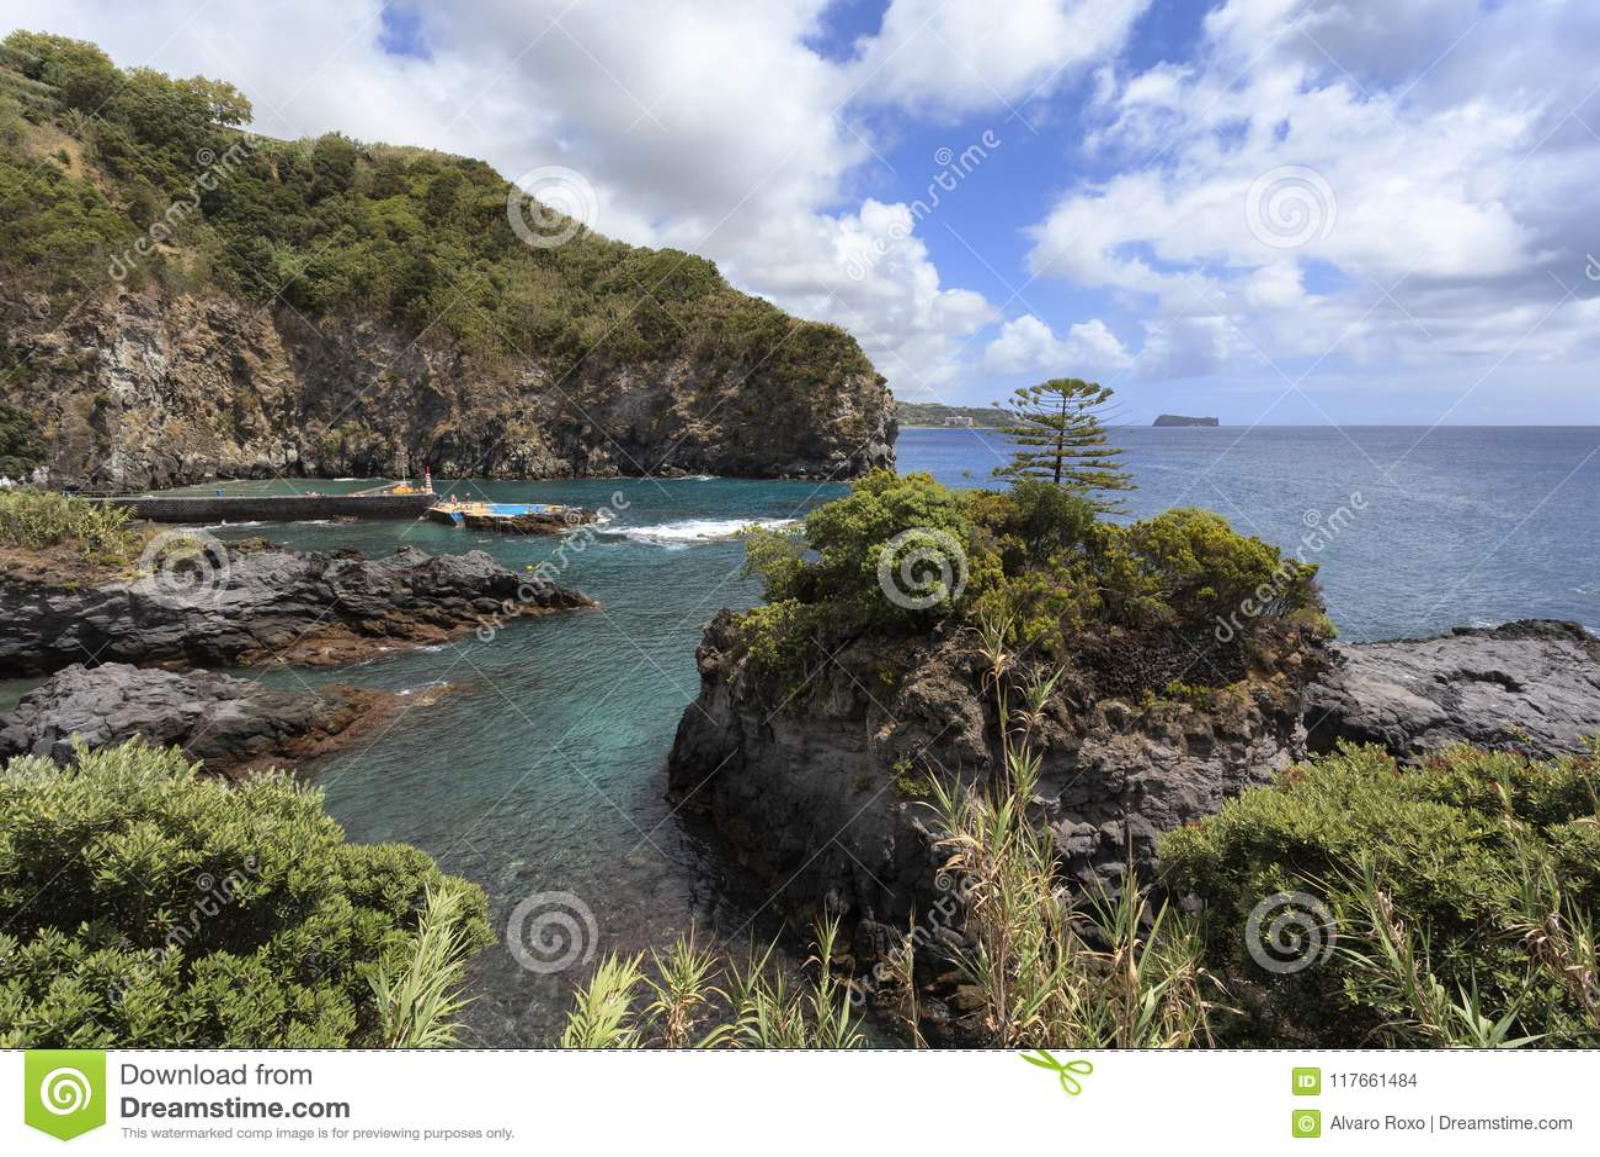 The Island of Dren